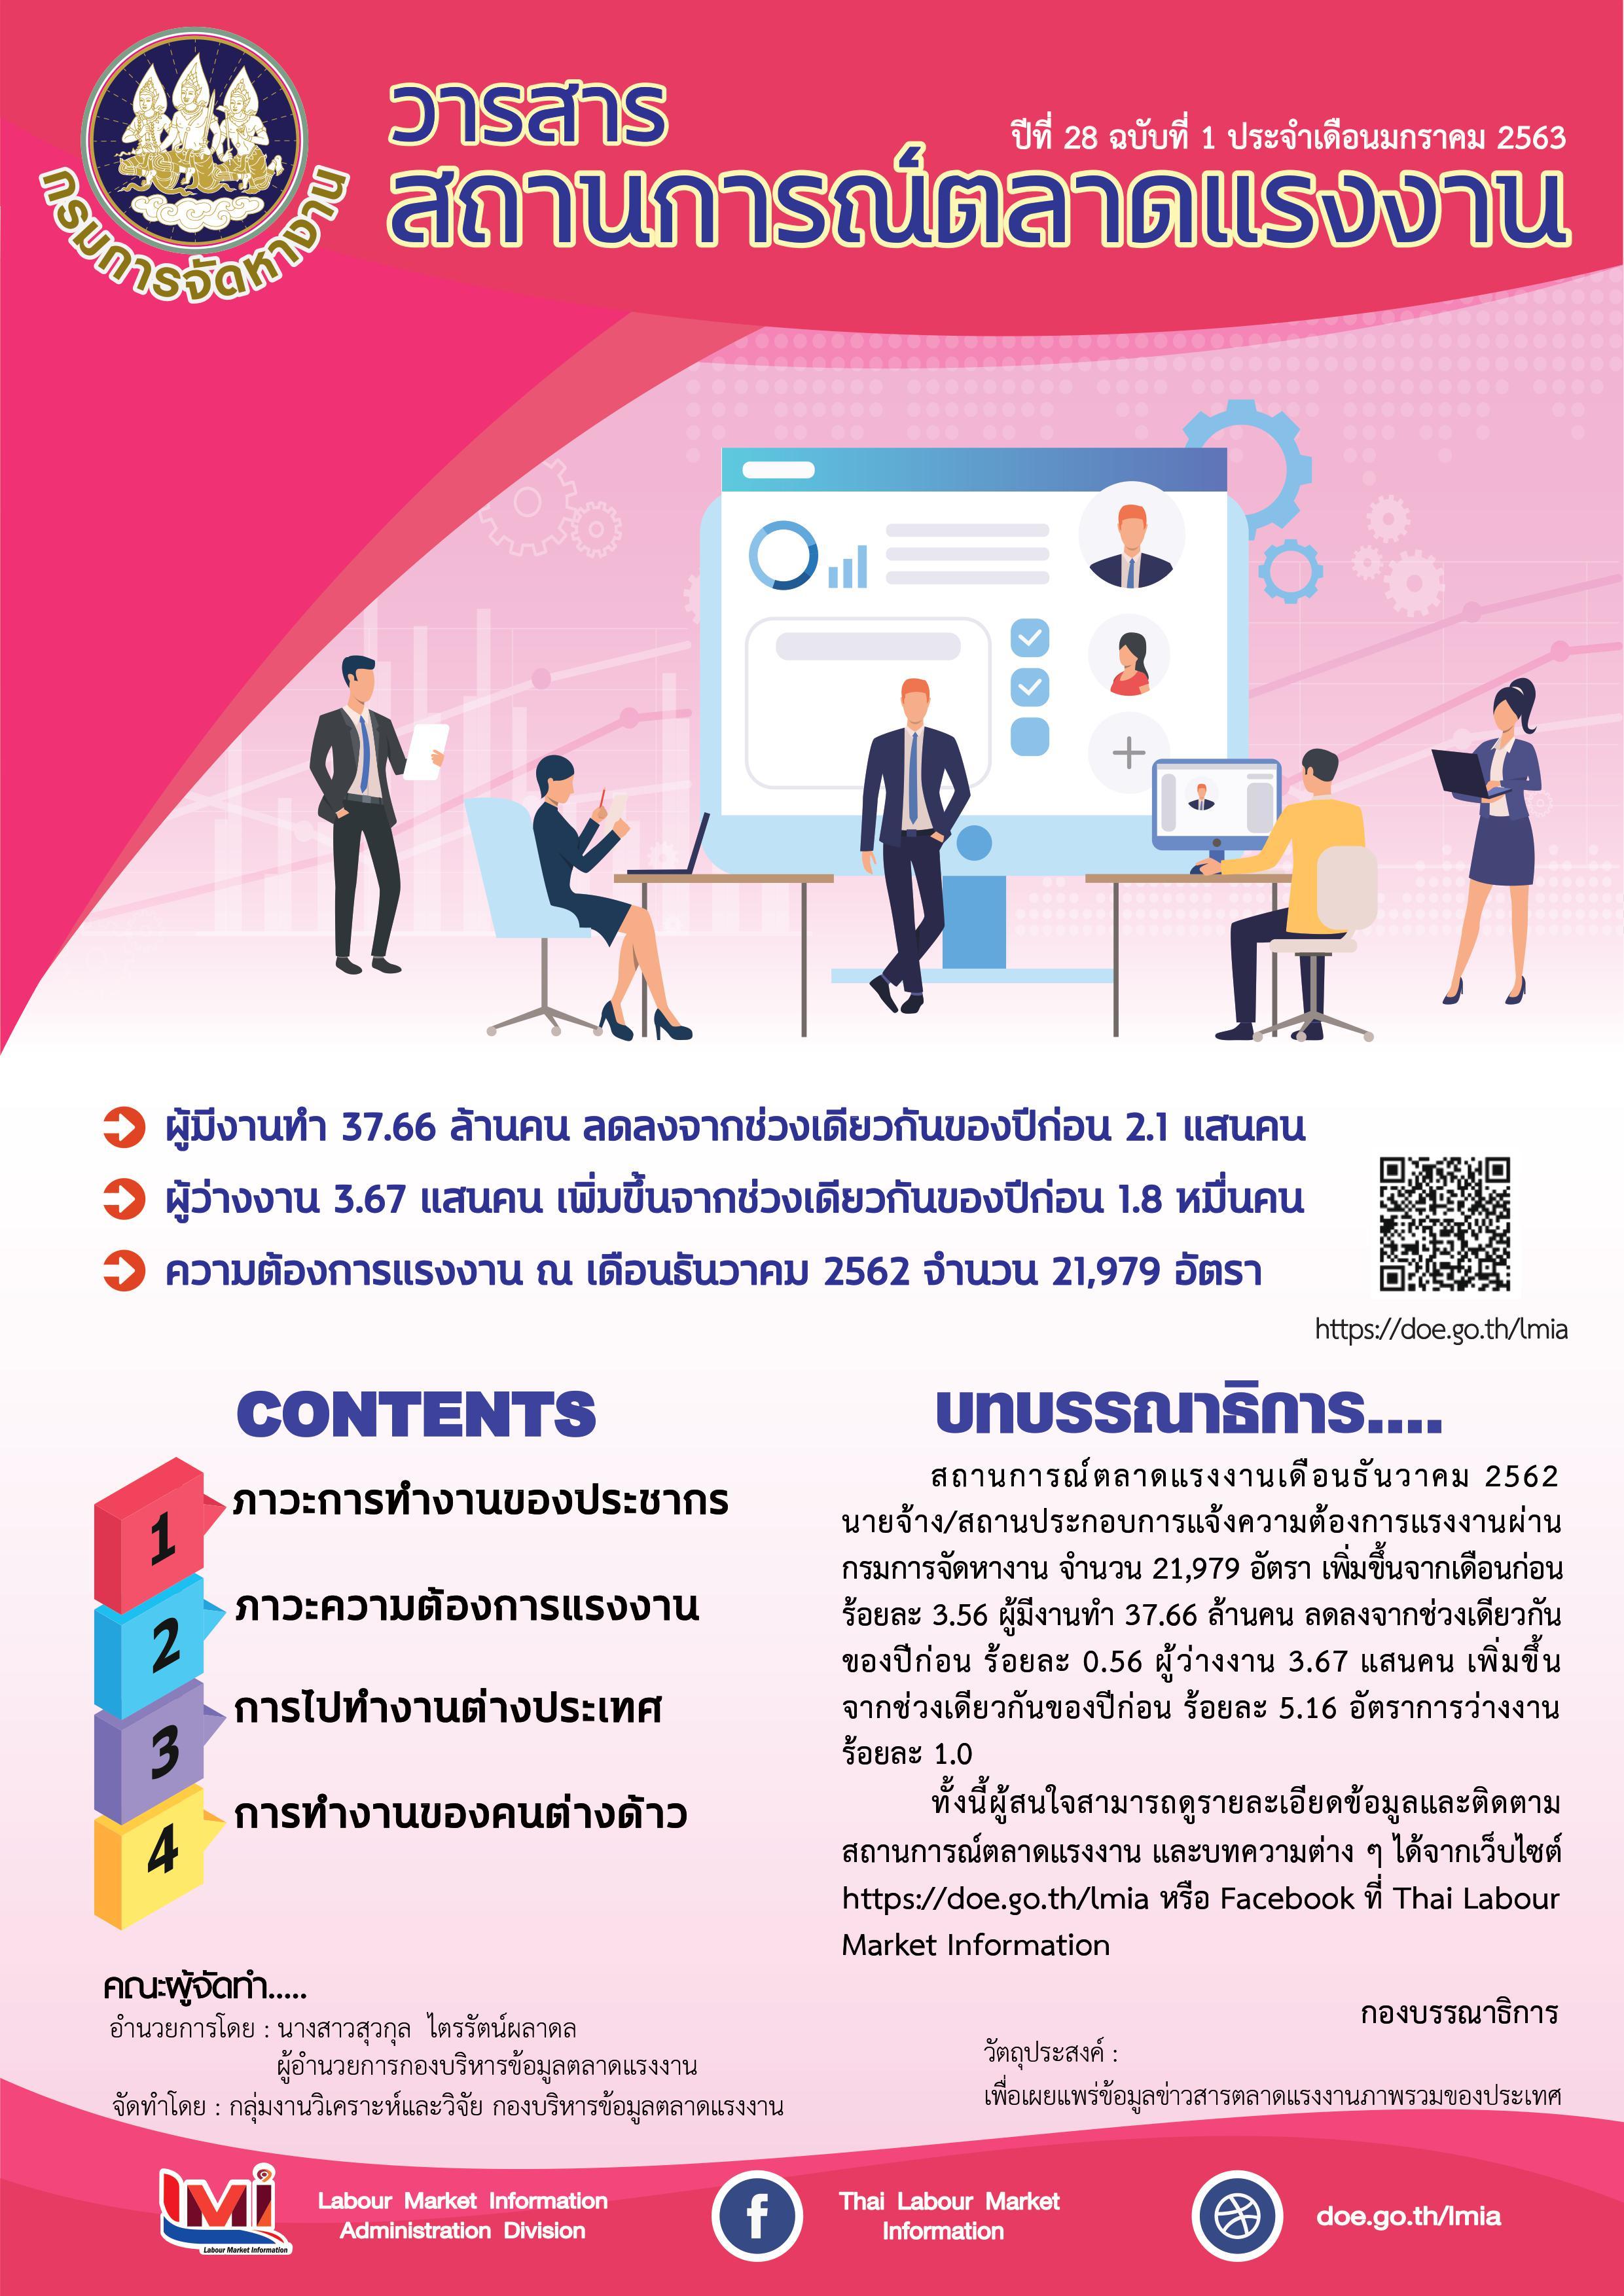 วารสารสถานการณ์ตลาดแรงงานประจำเดือนมกราคม 2563